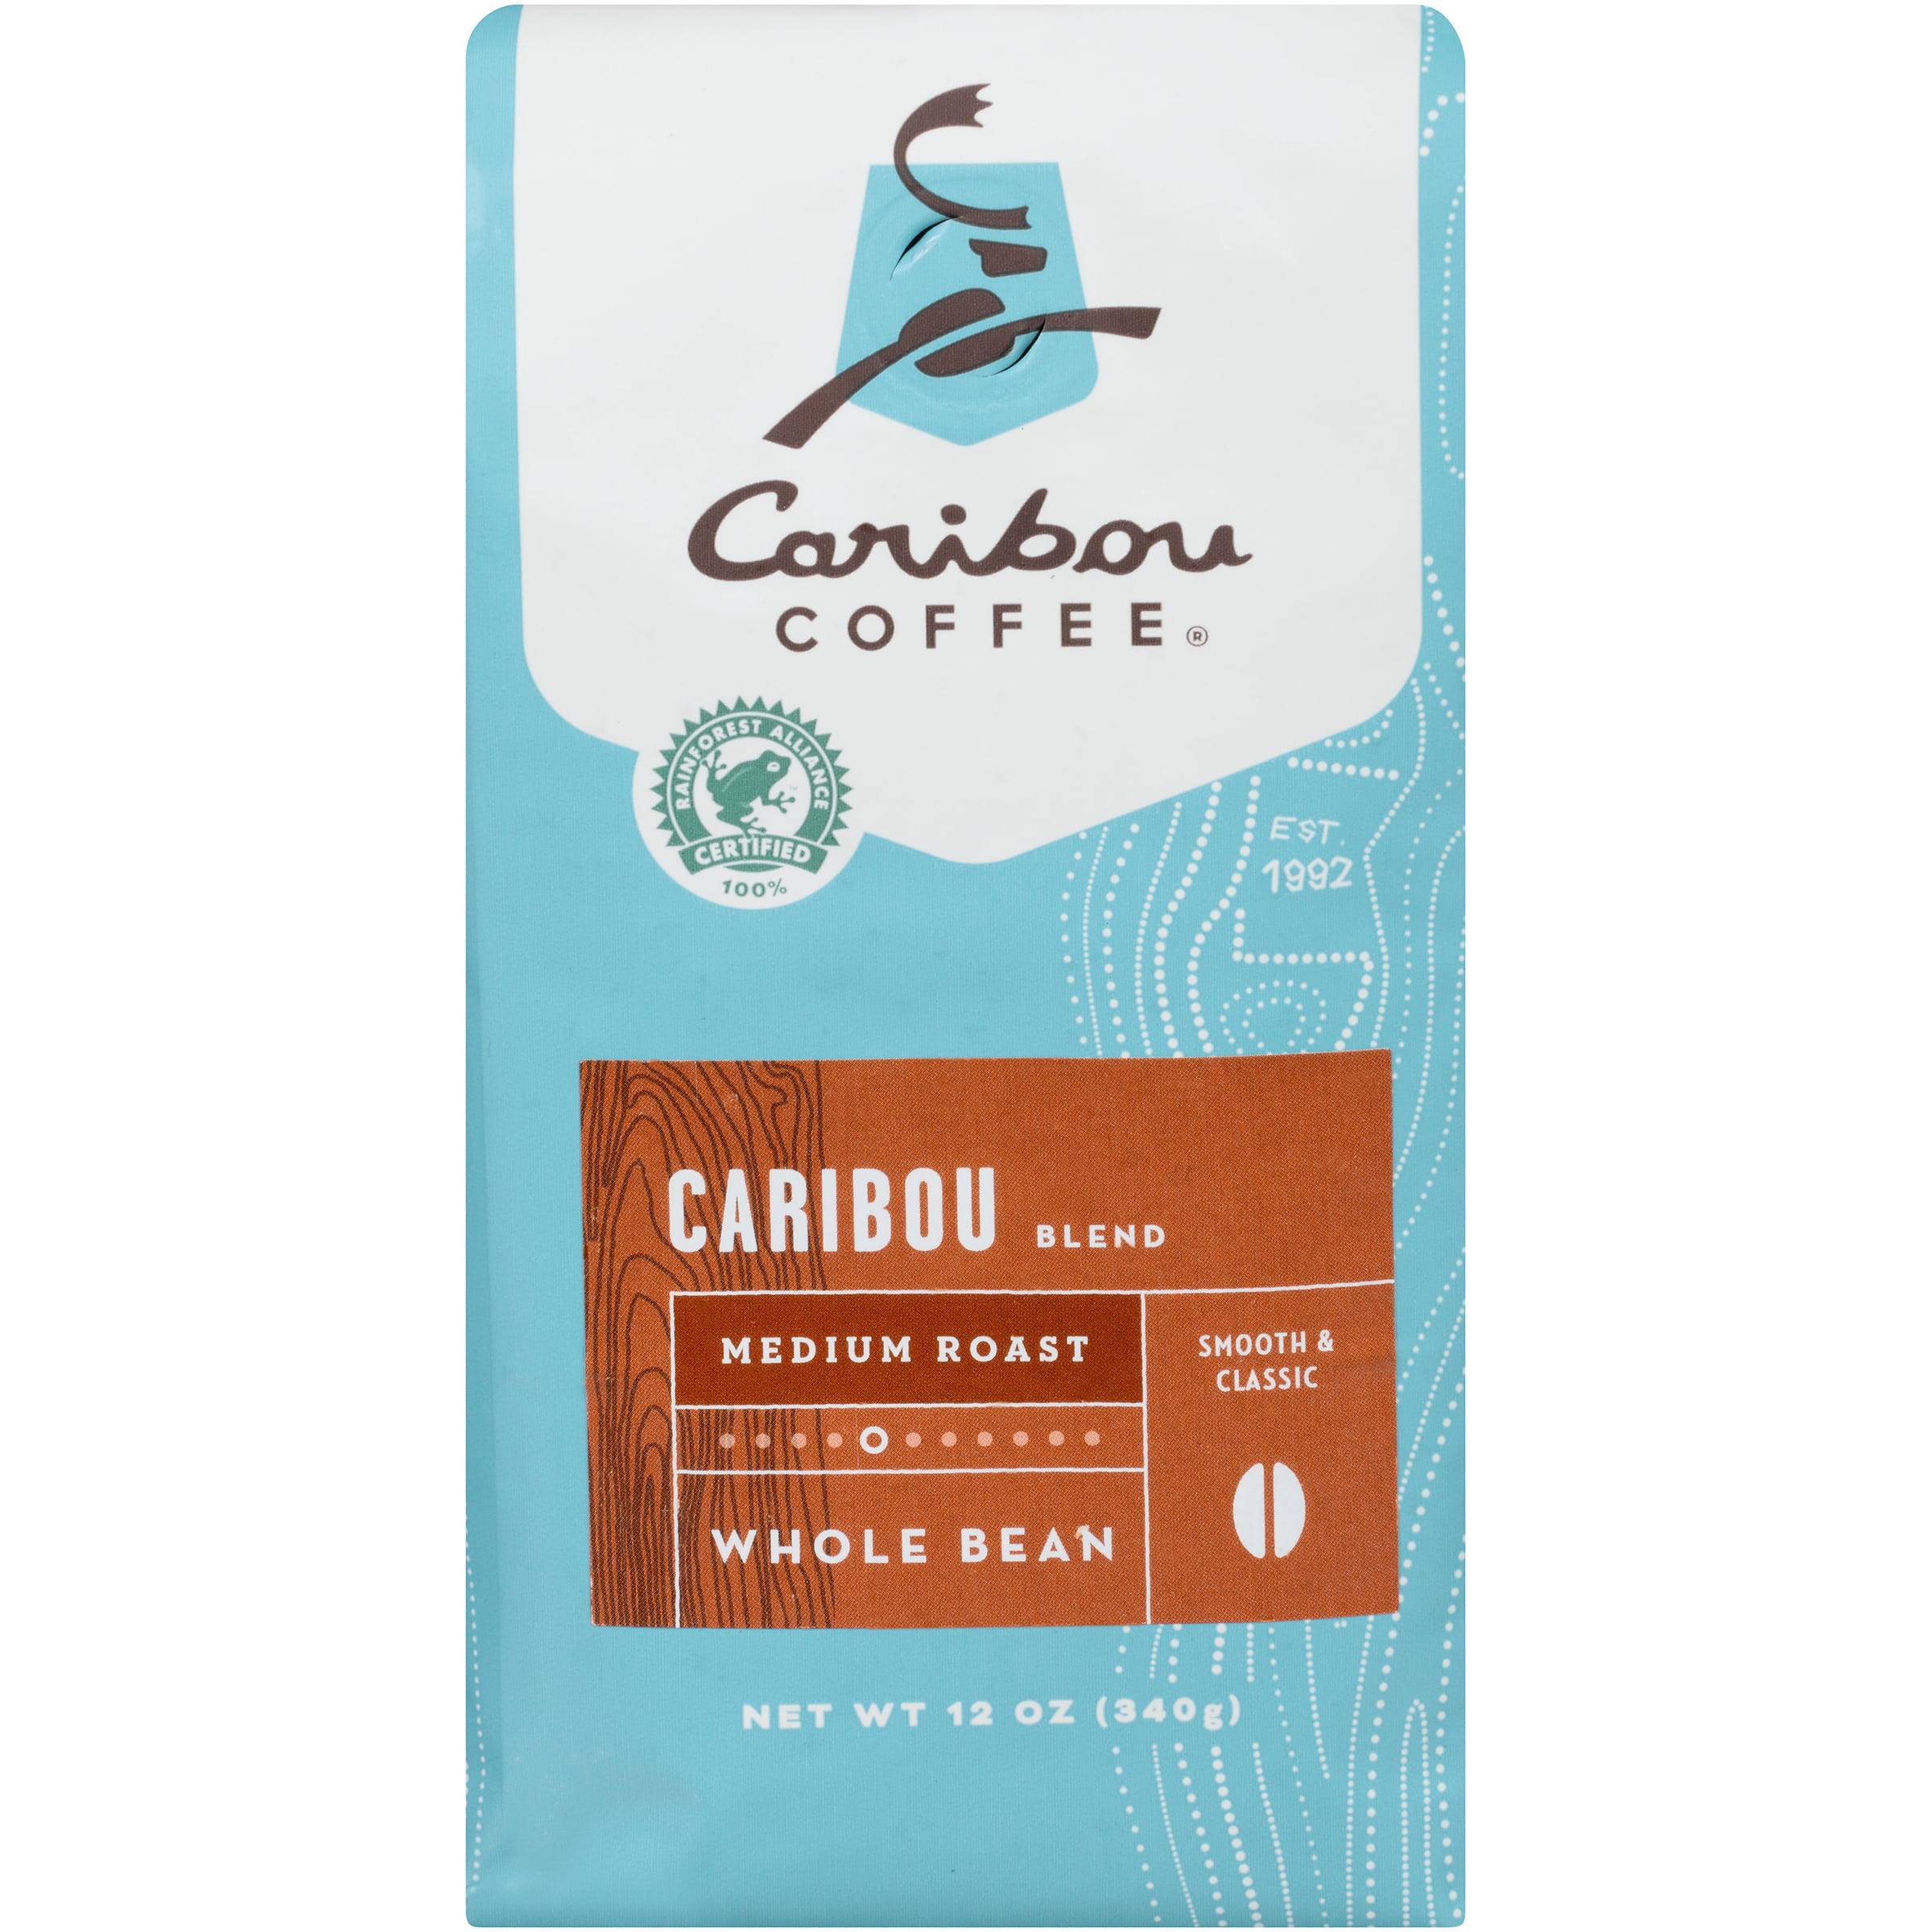 Caribou Coffee Caribou Blend Whole Bean Coffee, 12 oz